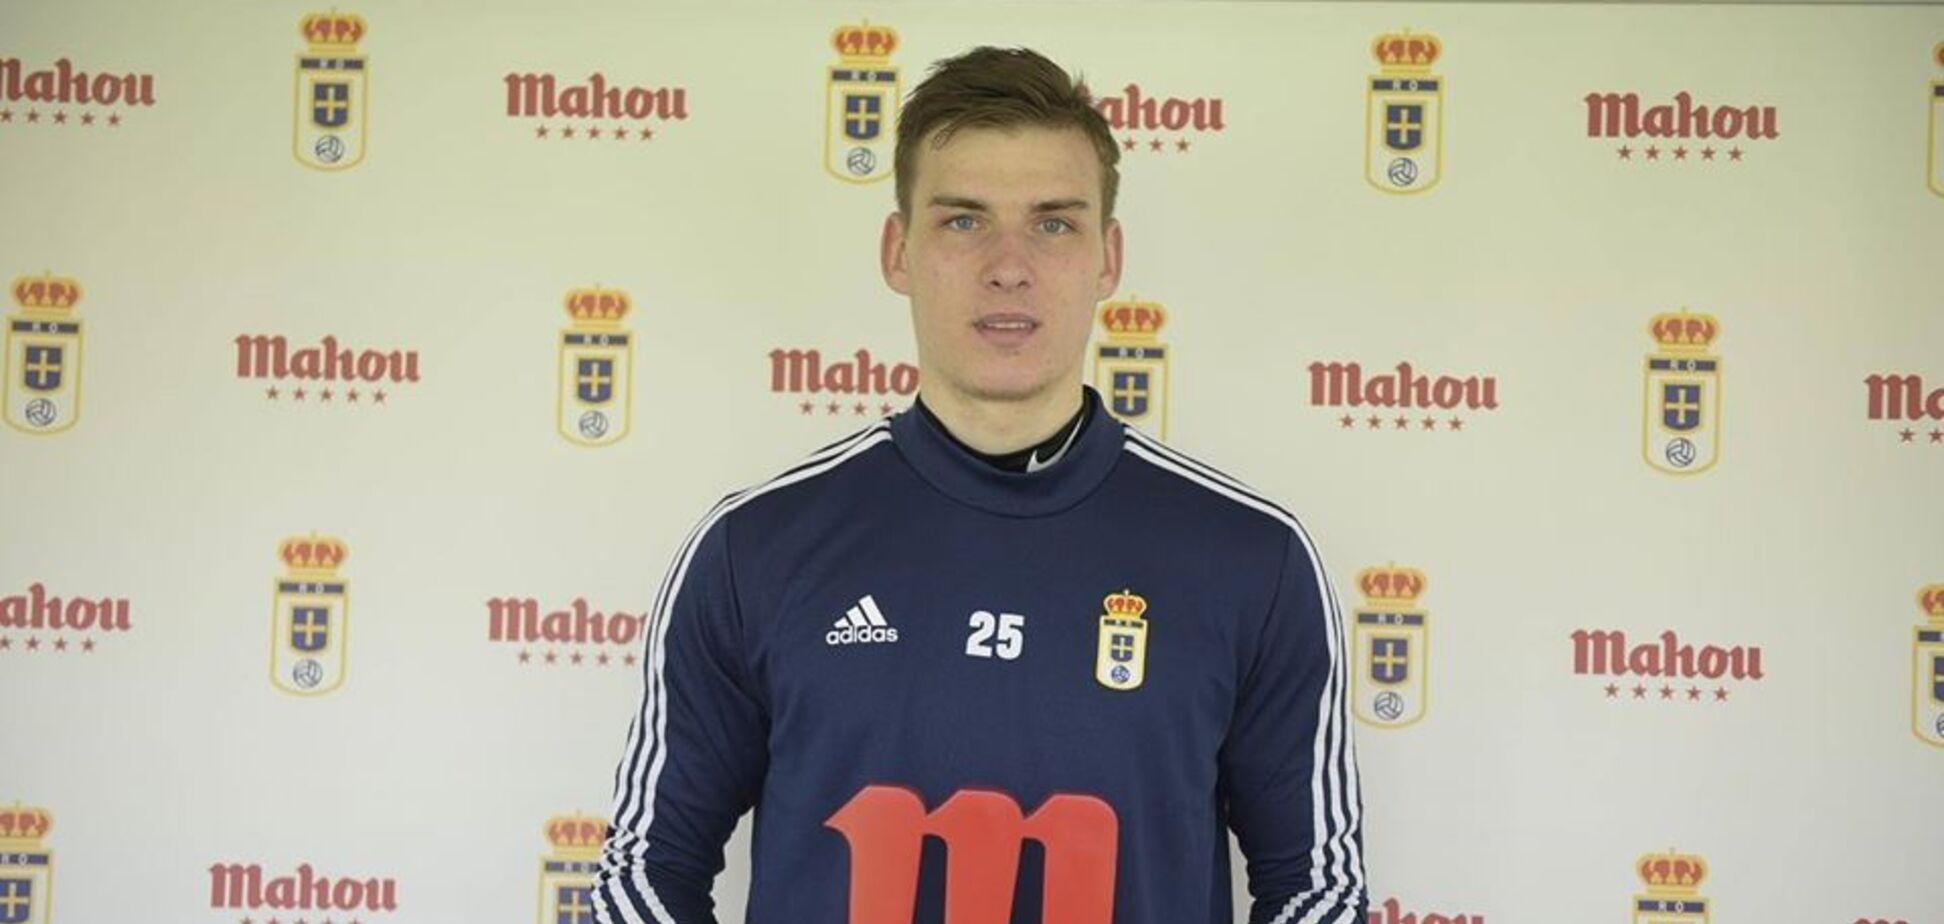 Український воротар Лунін визнаний найкращим в Іспанії